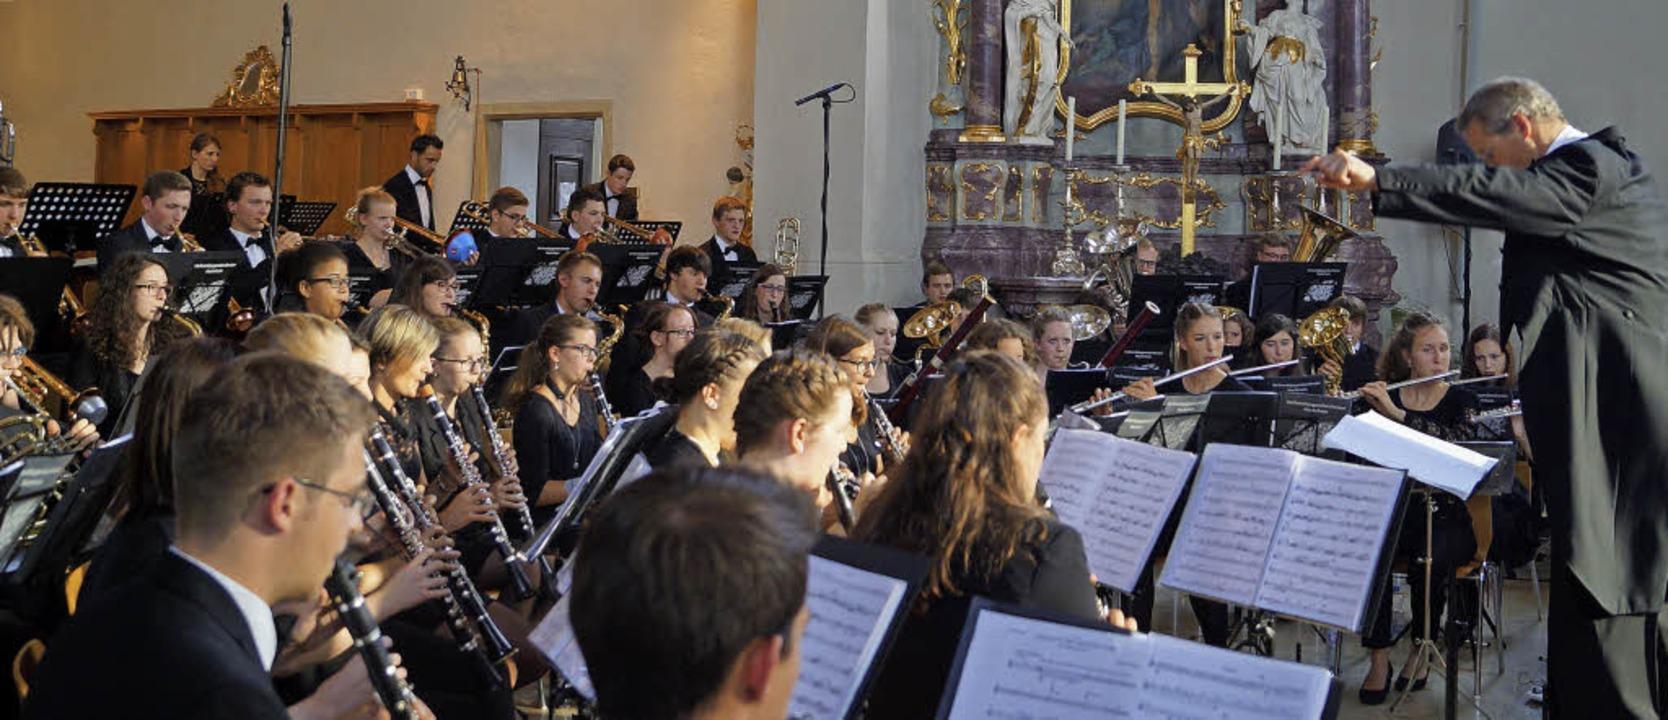 Das Verbandsjugendorchester Hochrhein mit seinem Dirigenten Julian Gibbons  | Foto: Silke Hartenstein